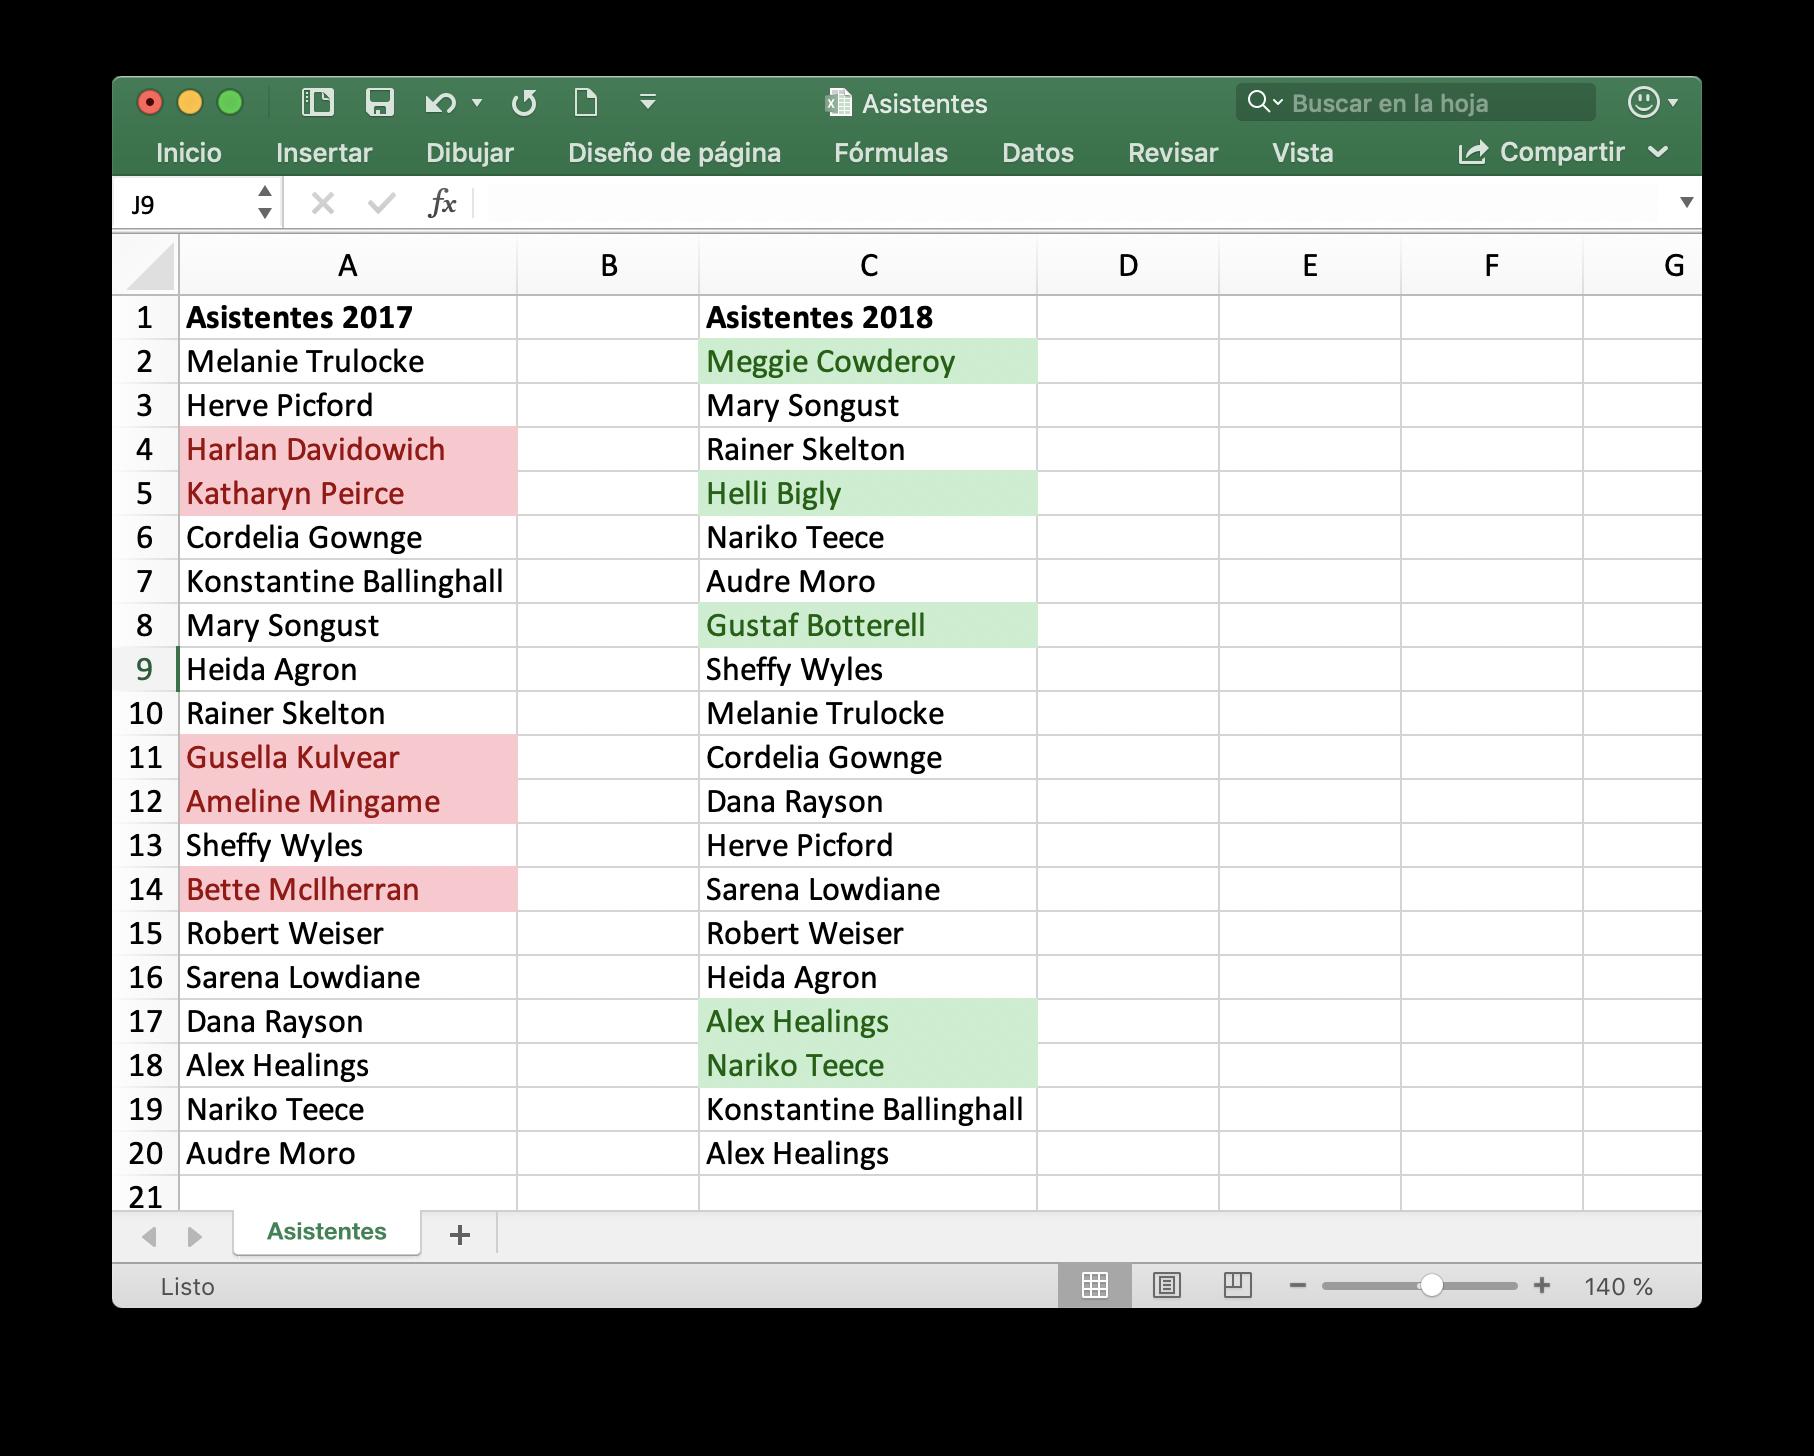 Comparación visual de los listados de asistentes